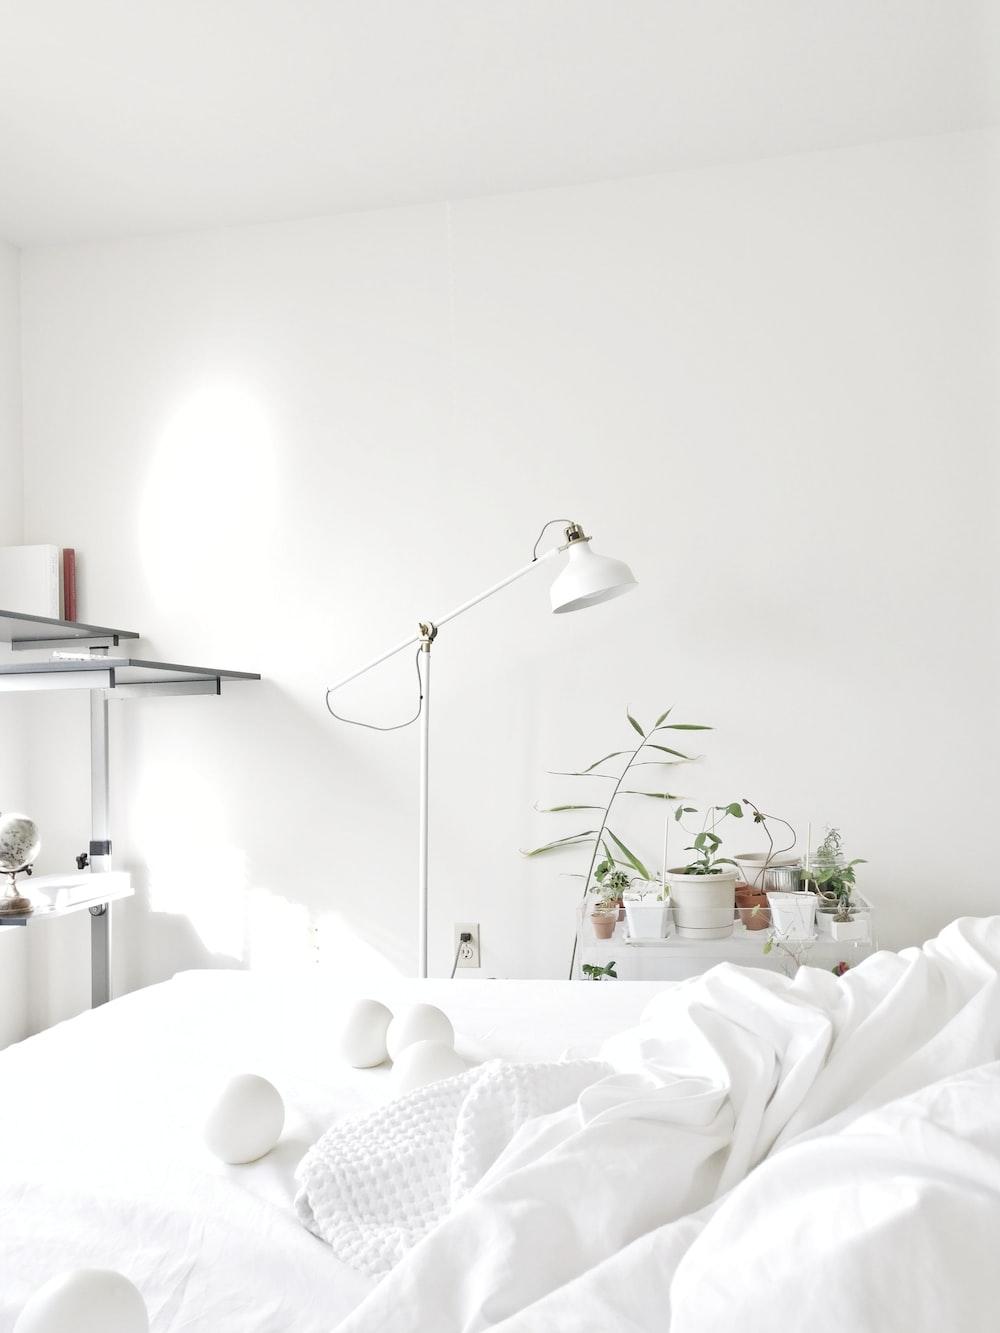 powered-off floor lamp beside comforter